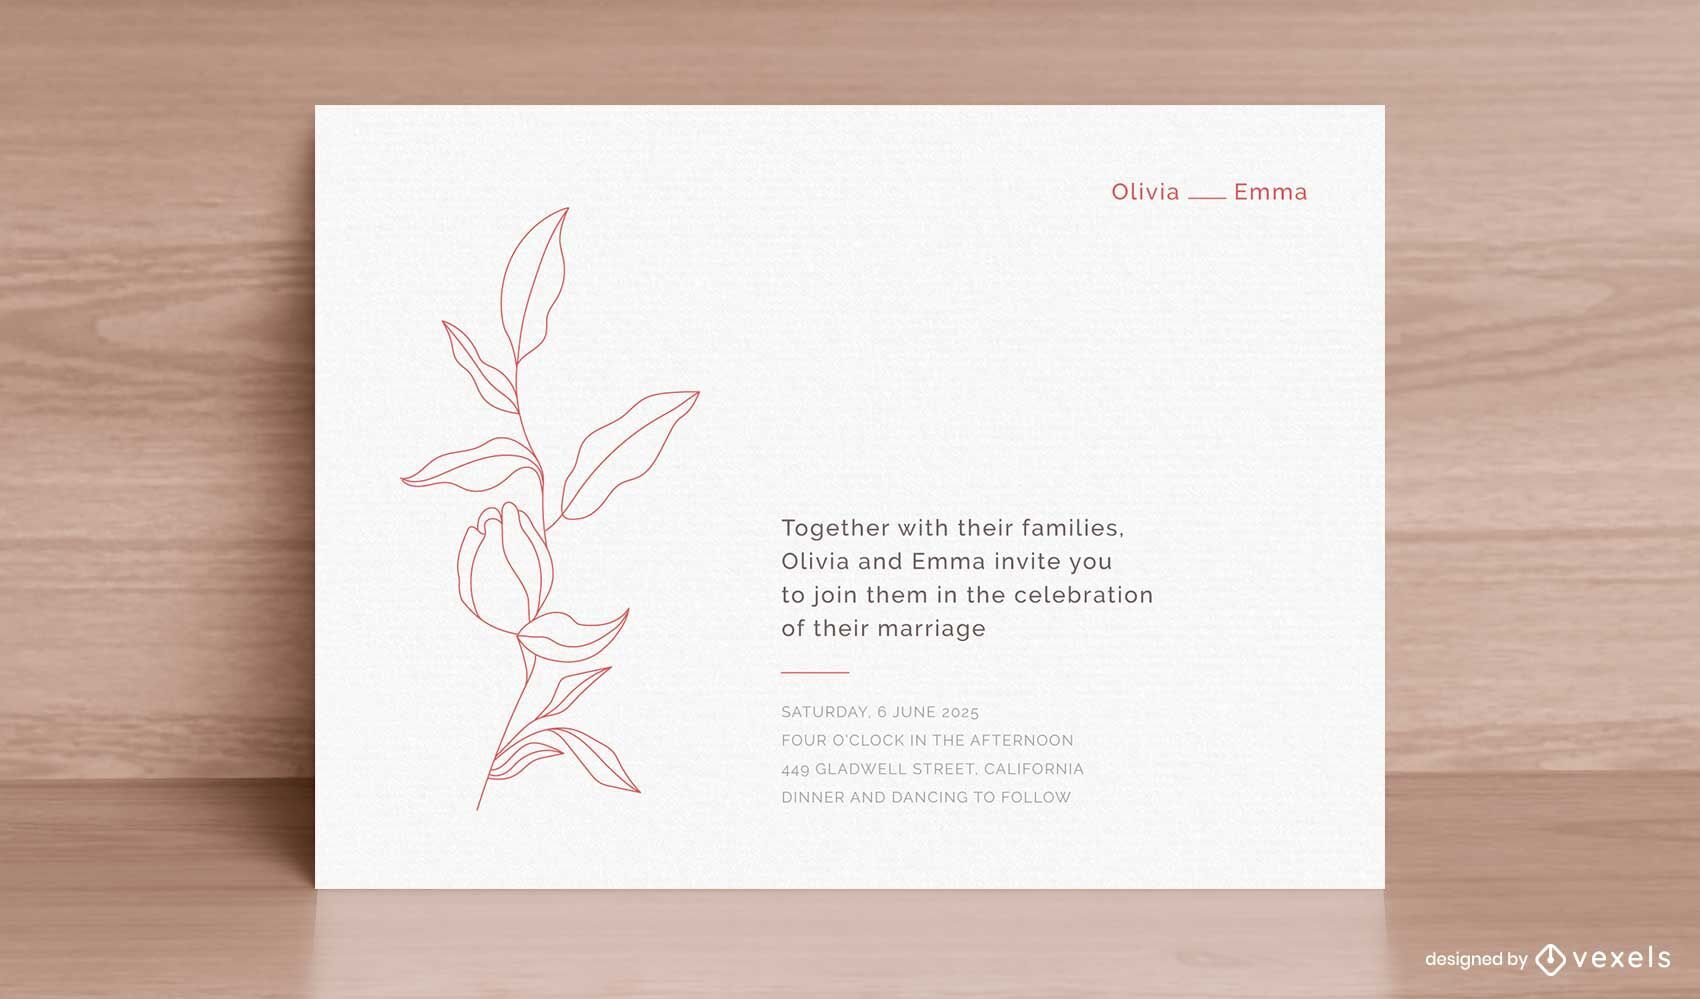 Flat minimal wedding invitation template